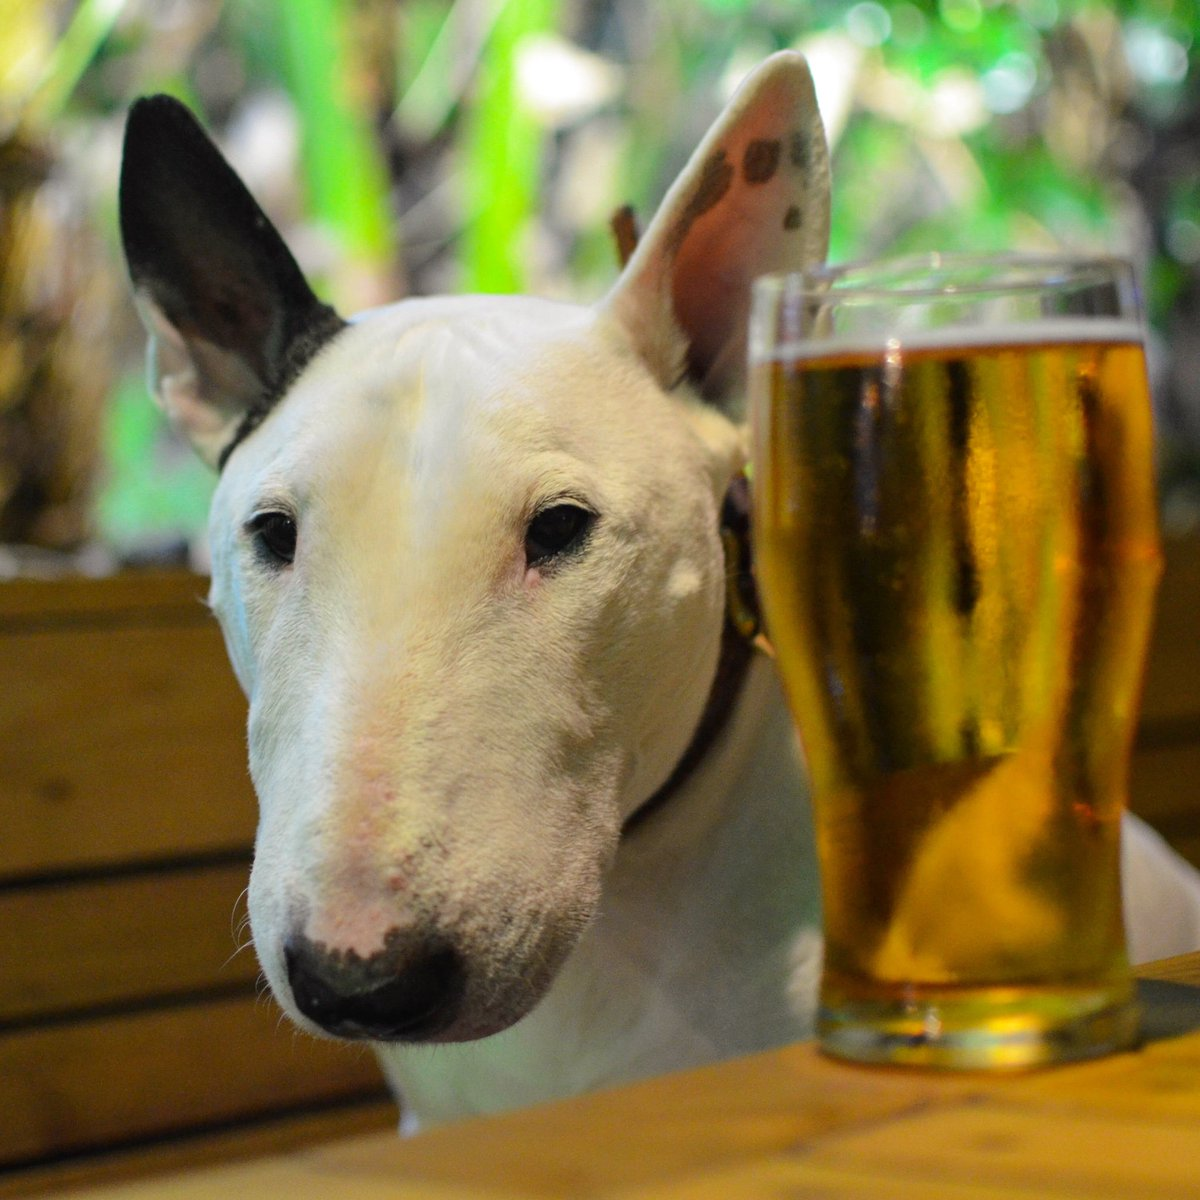 Peekabeer  . . . #bullterrier #bullterrierlove #bullterrierpics #bullies #doglover #dogoftheday #dogmodel #doglife #mansbestfriend #ilovemydog #ブルテリア#traveldog #dogtravel #dogsoftwitter #dogsofinstagram<br>http://pic.twitter.com/Cgp4YgcTQ5